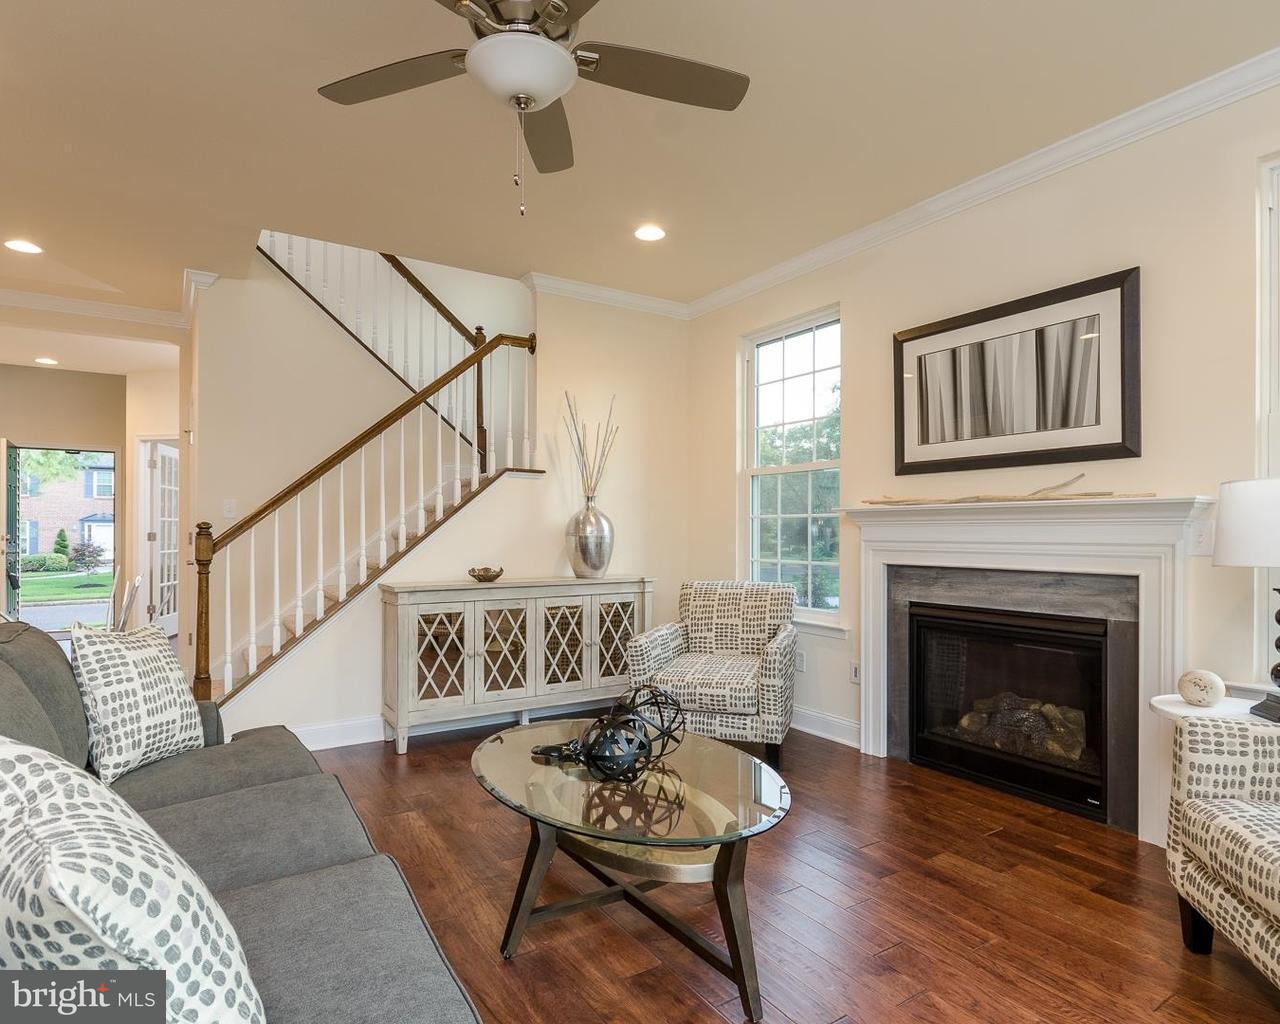 独户住宅 为 销售 在 43 JACKSON Road Berlin Boro, 新泽西州 08009 美国